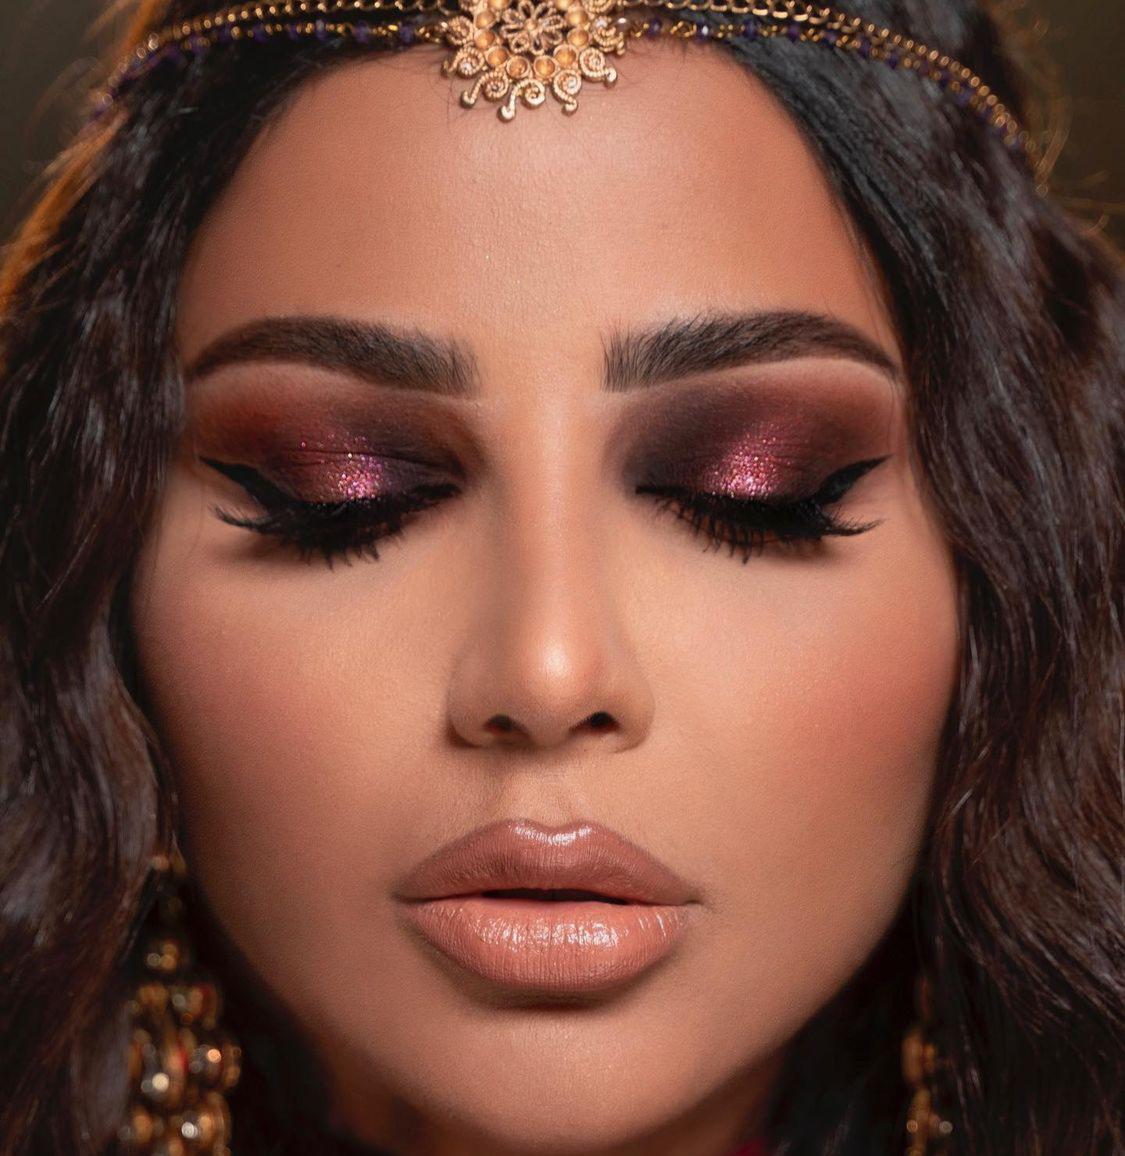 3 مهيرة عبدالعزيز بالمكياج الغجري -الصورة من حسابها على الانستغرام.jpg